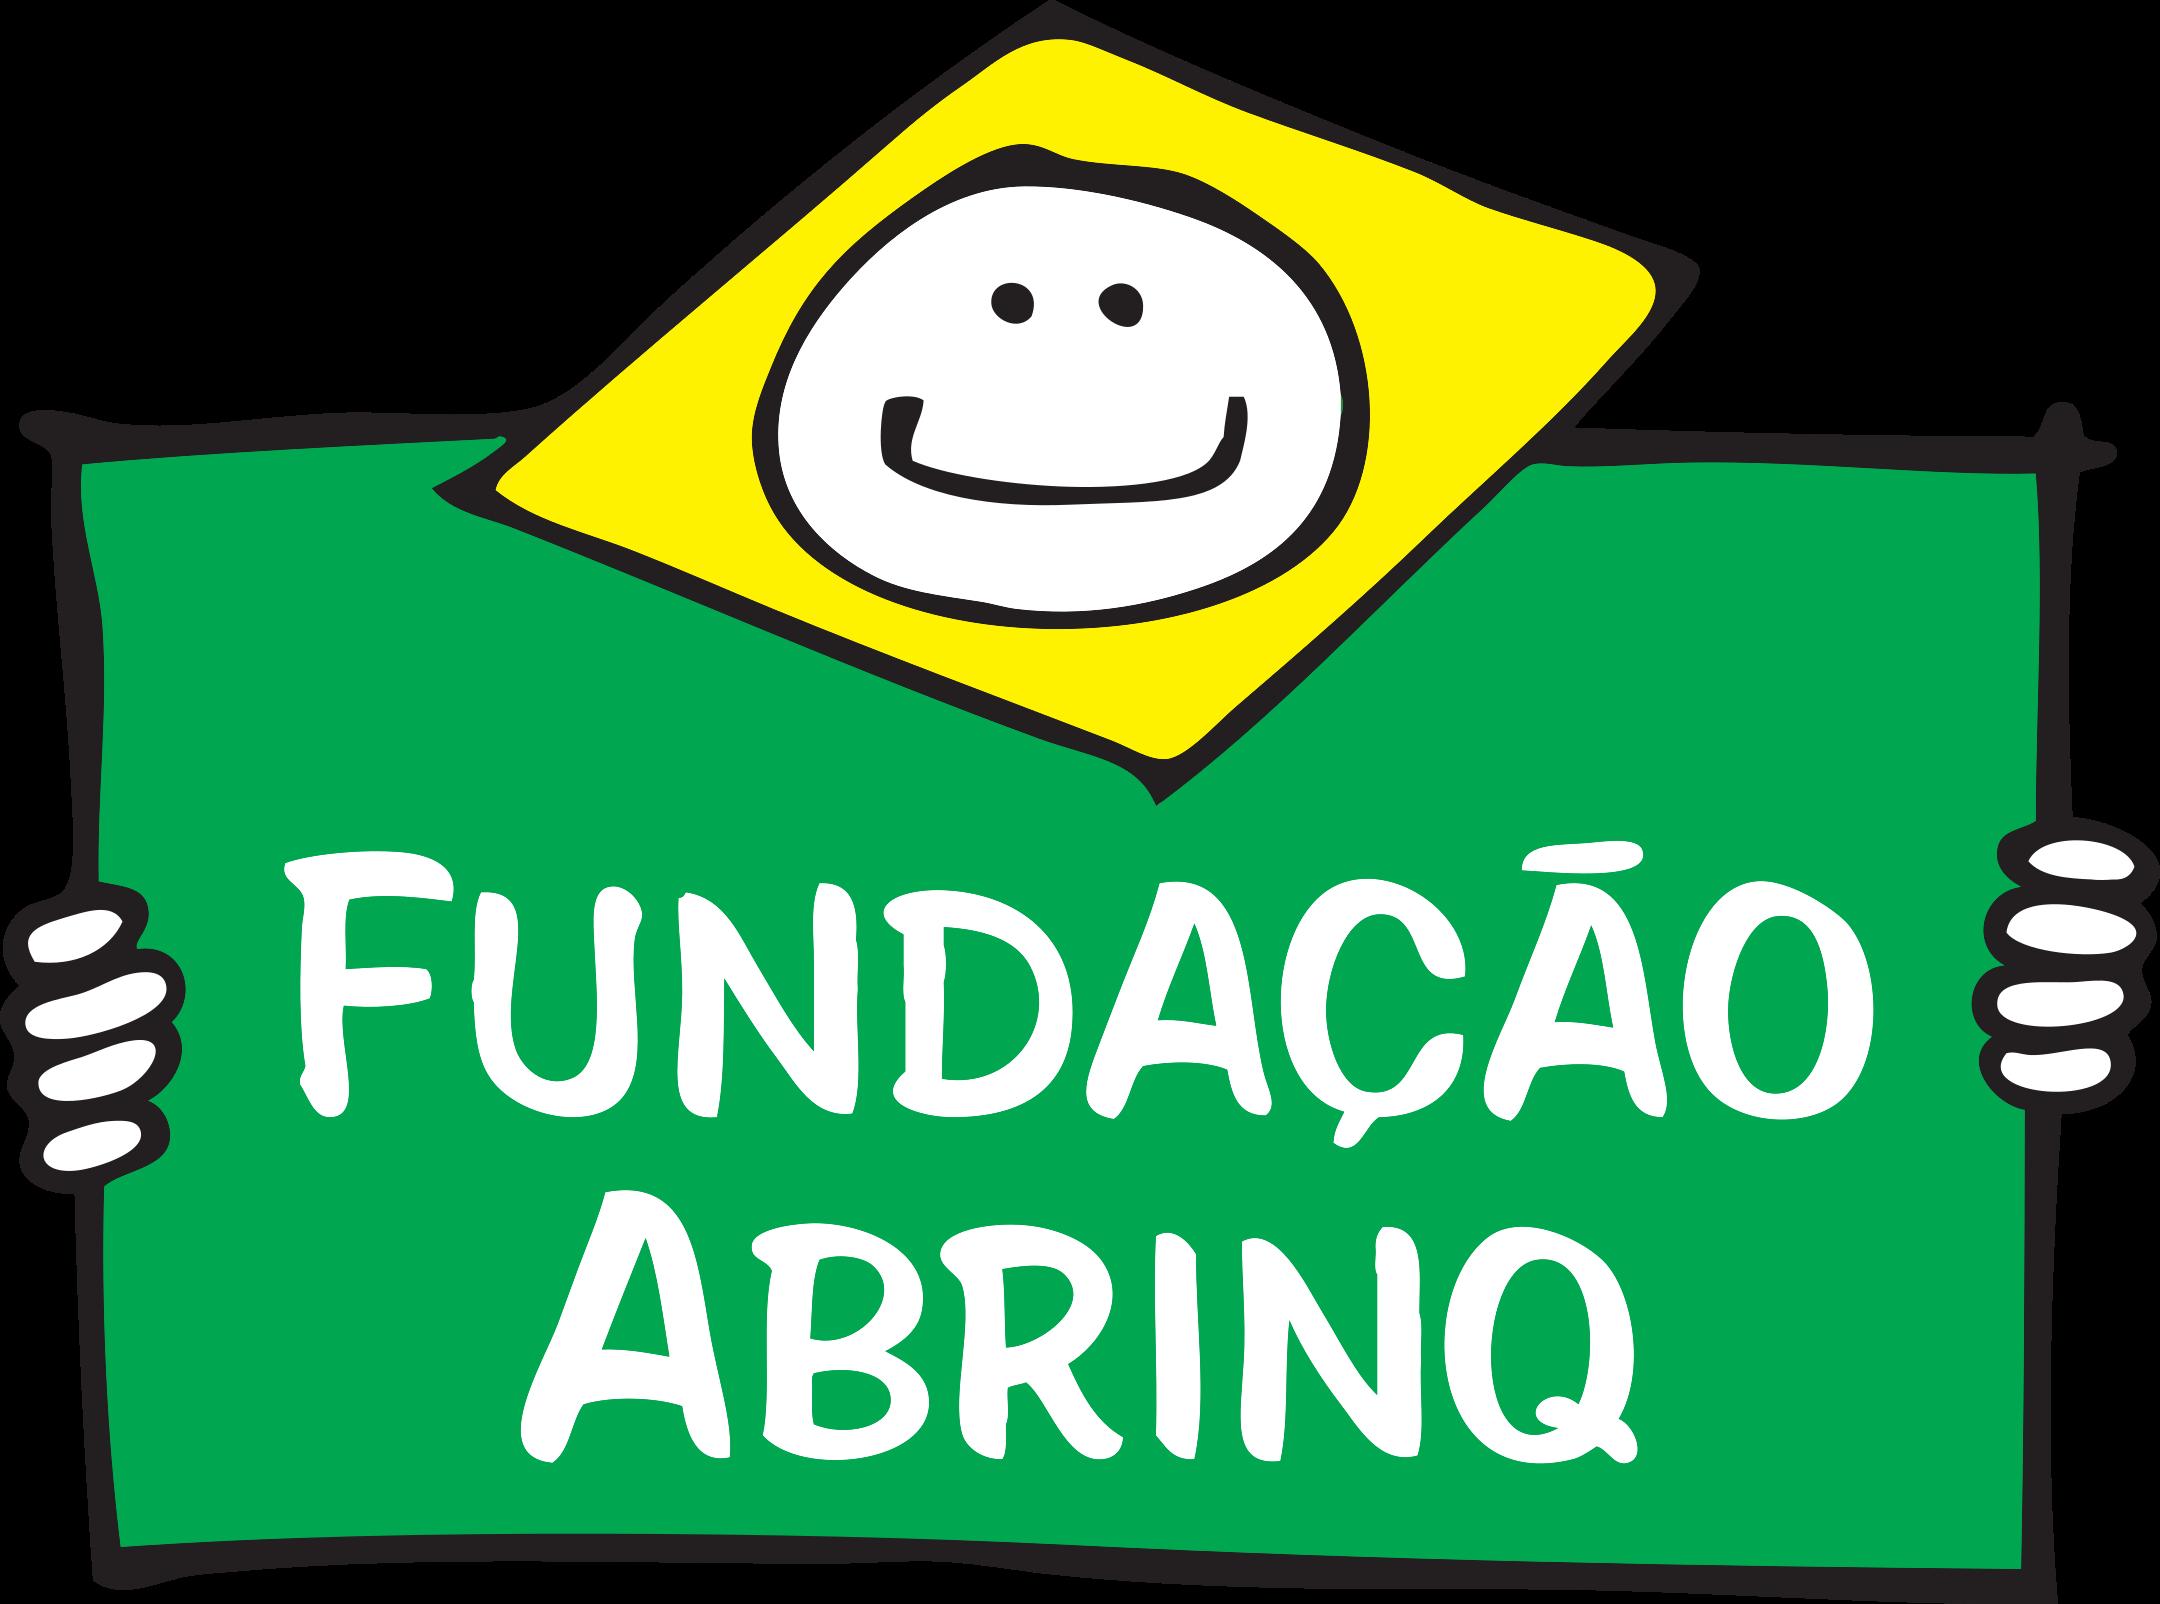 fundacao abrinq logo 1 - Fundação ABRINQ Logo